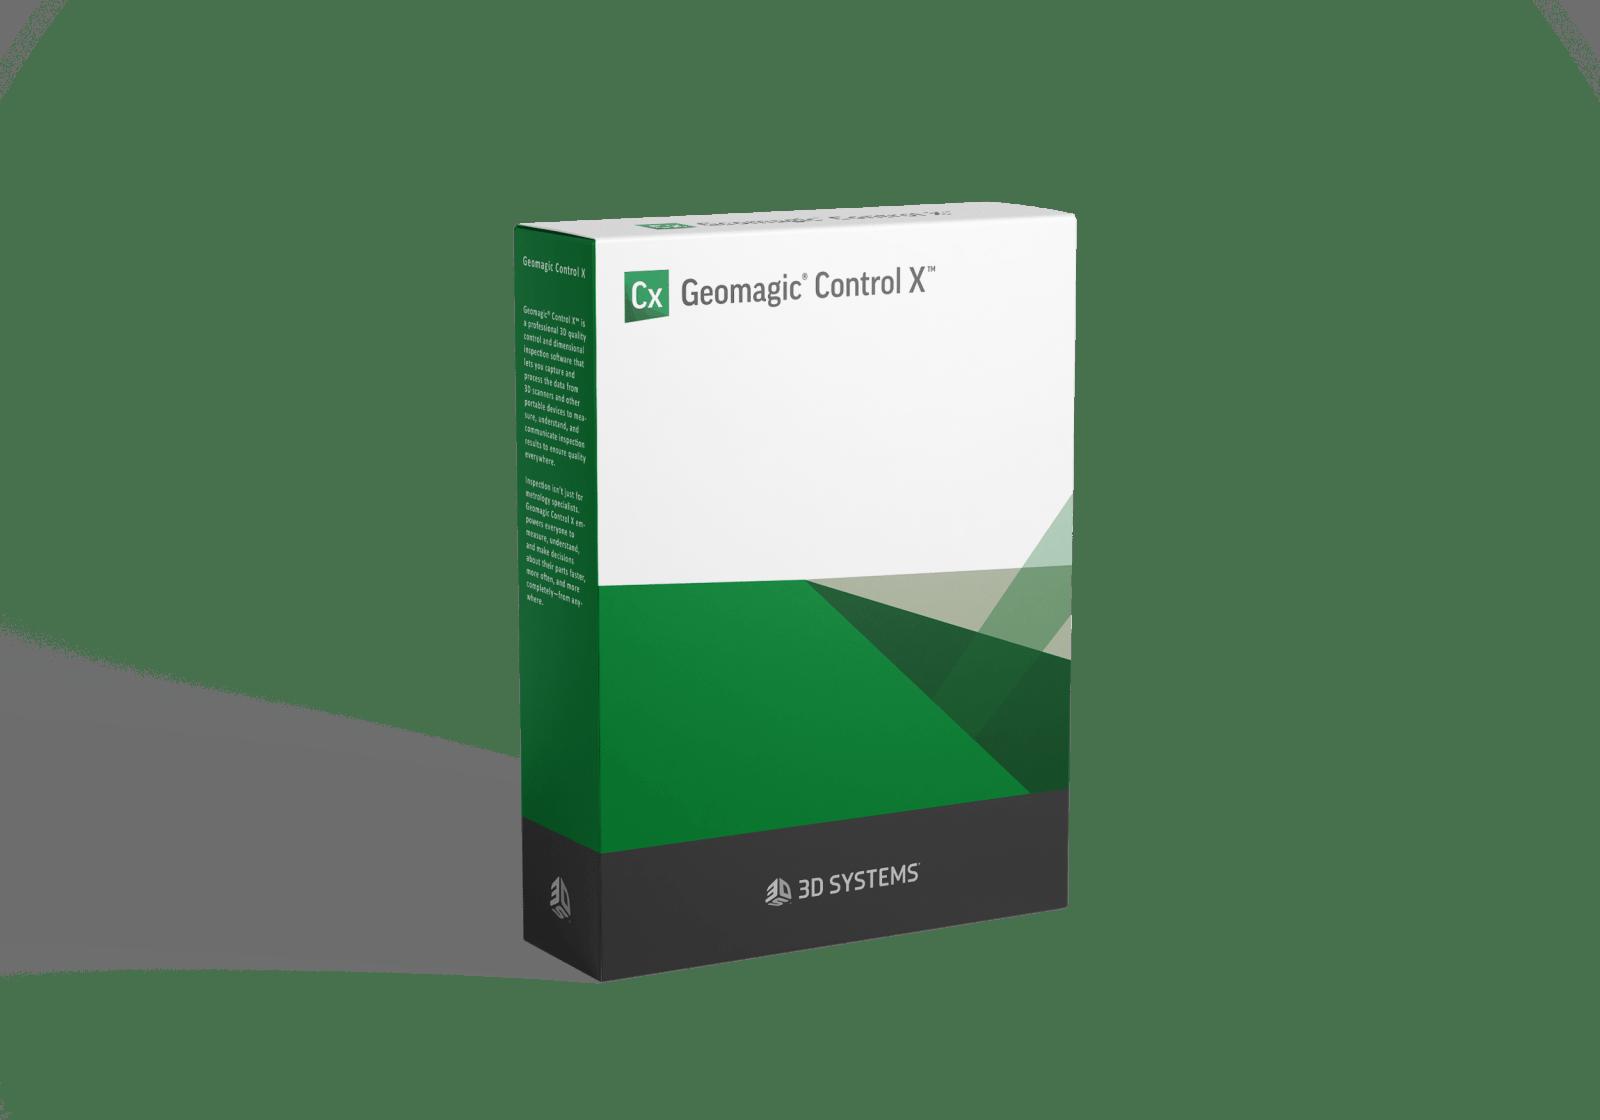 Oprogramowanie Geomagic Control X